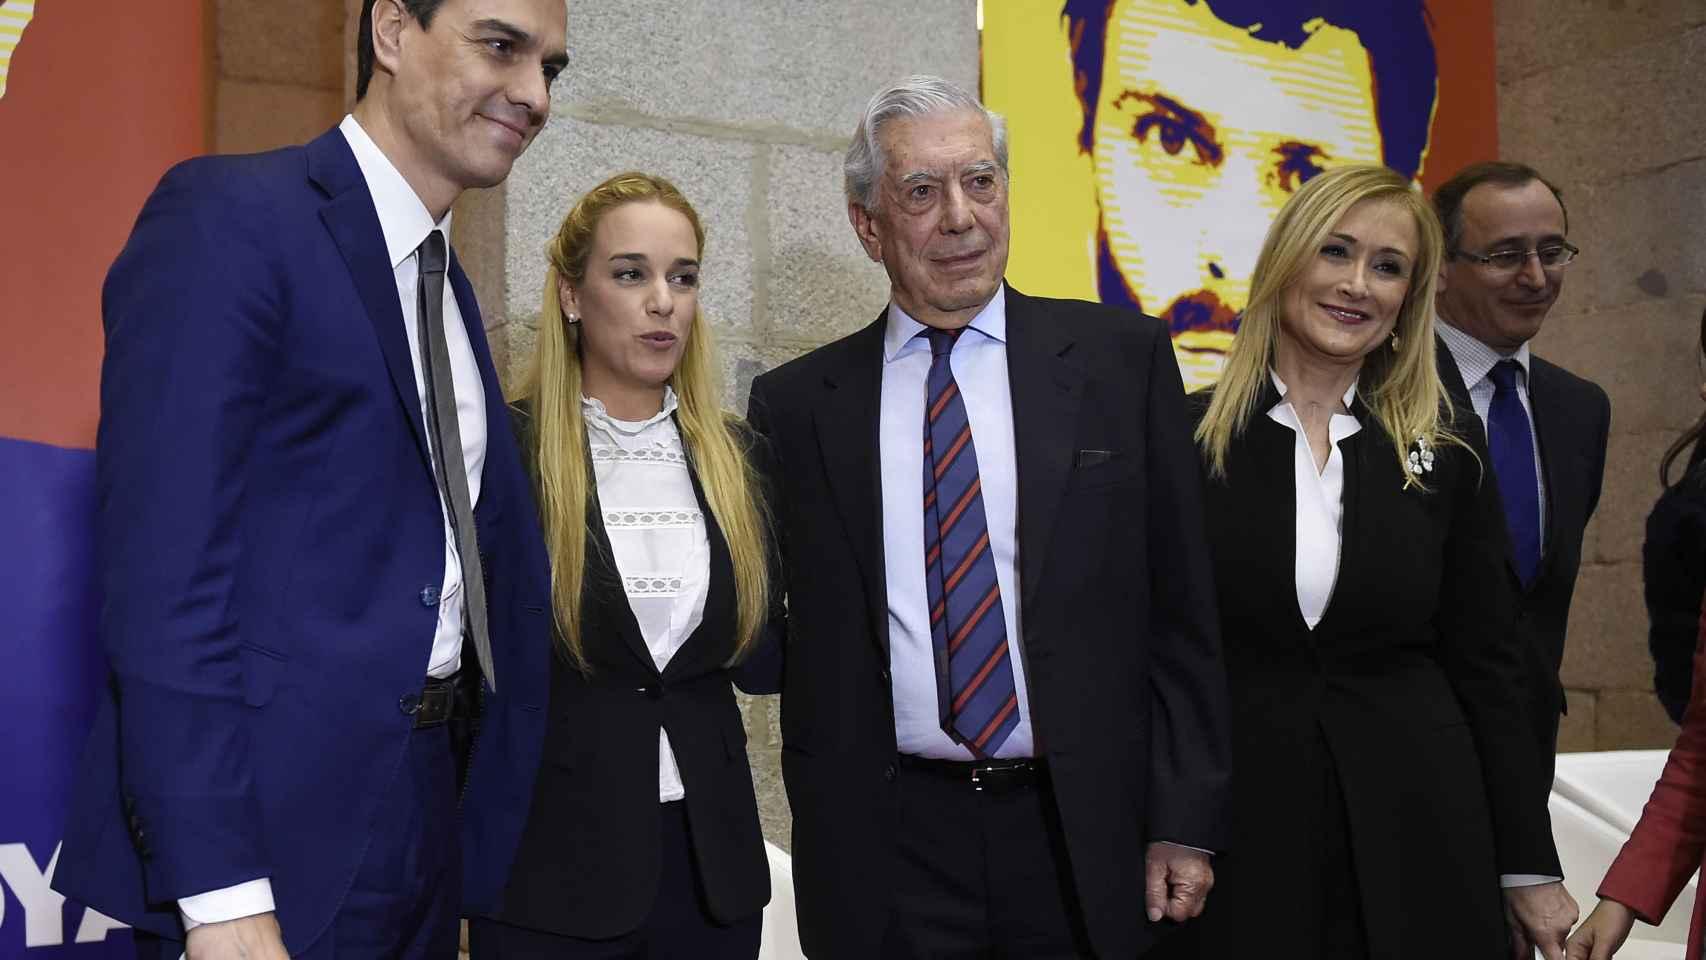 Lilian Tintori, Pedro Sánchez, Vargas Llosa y Cifuentes durante la presentación del libro en Madrid